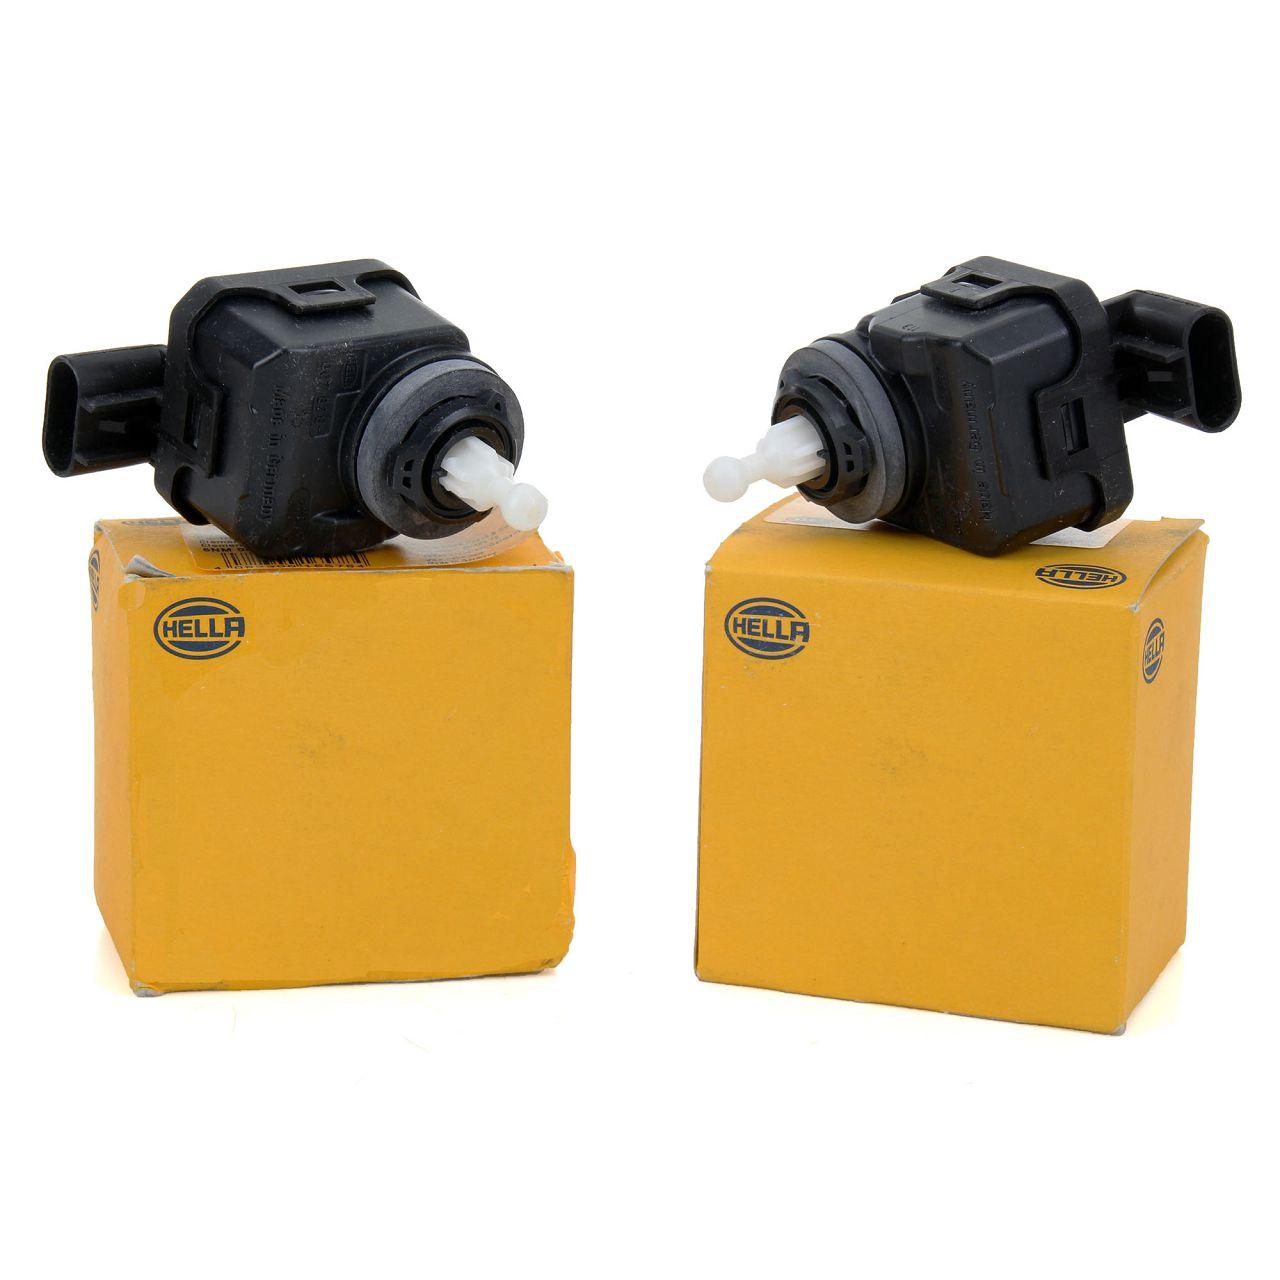 2x HELLA Stellmotor Scheinwerfer Leuchtweitenregulierung OPEL Astra G 6207044